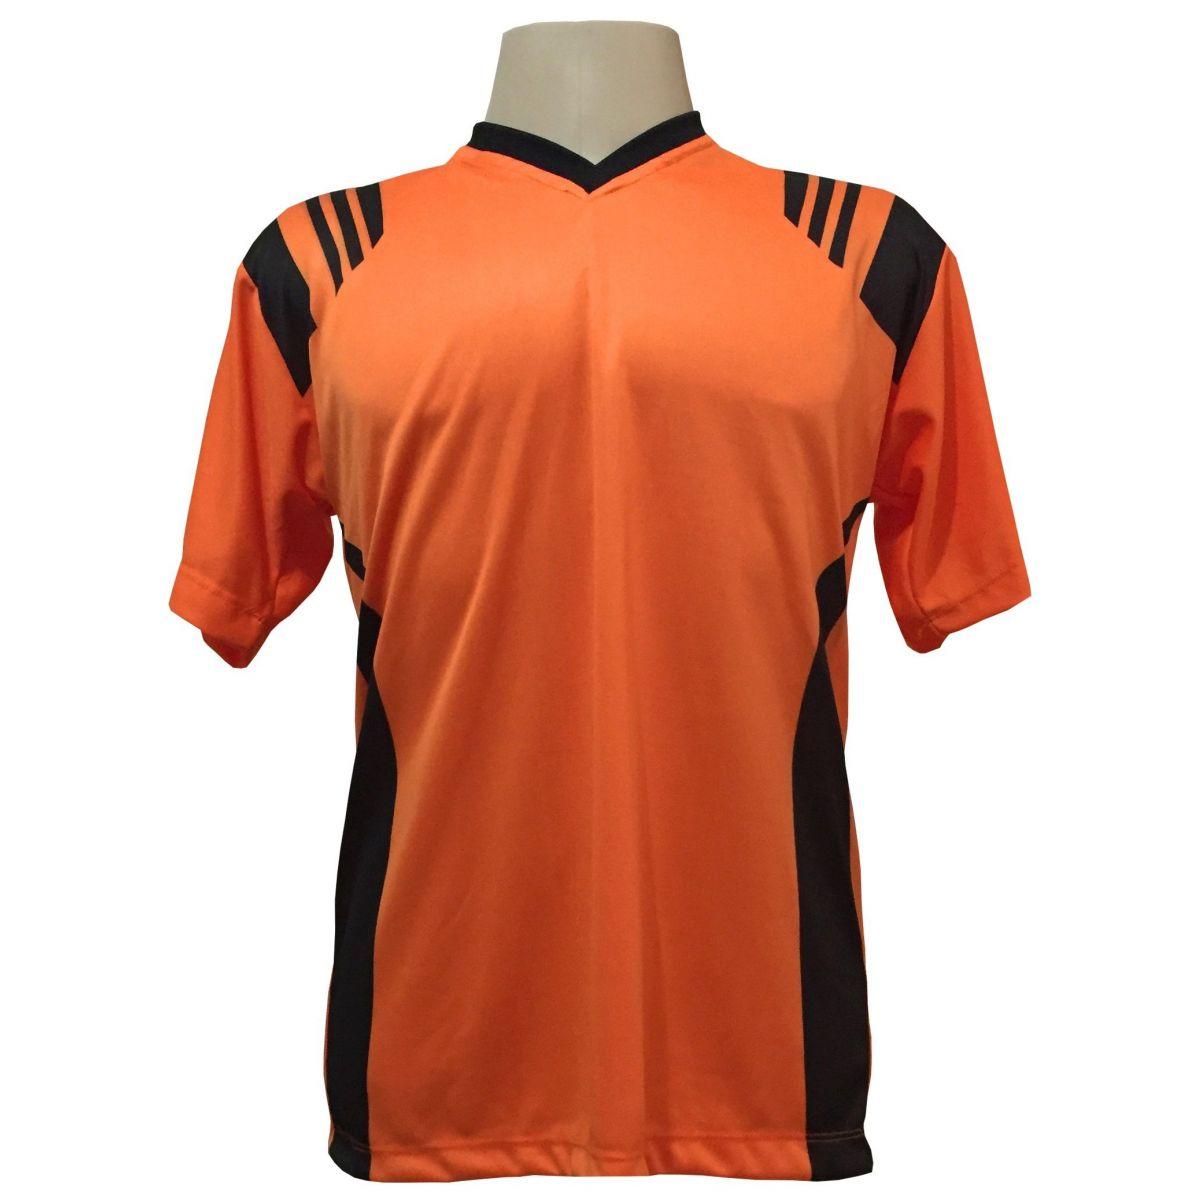 Fardamento Completo modelo Roma 20+1 (20 camisas Laranja/Preto + 20 calções modelo Madrid Preto + 20 pares de meiões Preto + 1 conjunto de goleiro) + Brindes